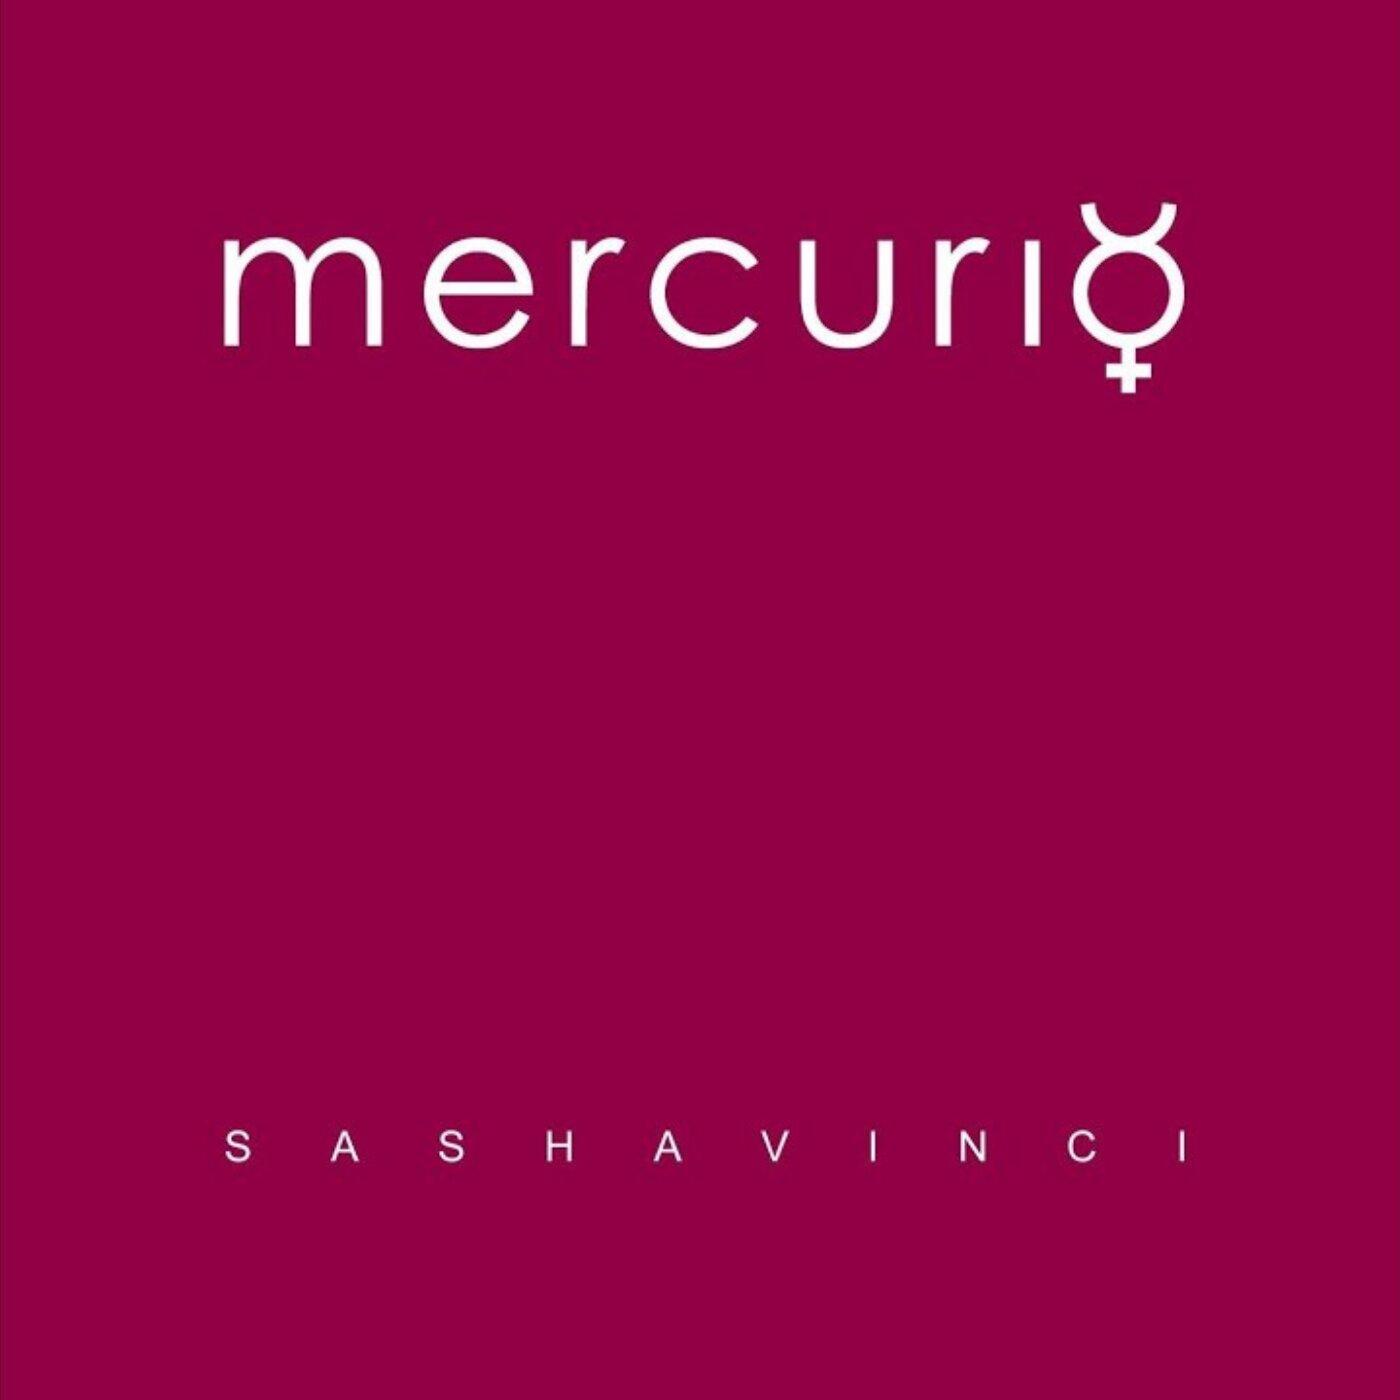 """SASHA VINCI """"Mercurio"""" è il nuovo progetto cantautorale dell'artista e performer siciliano"""